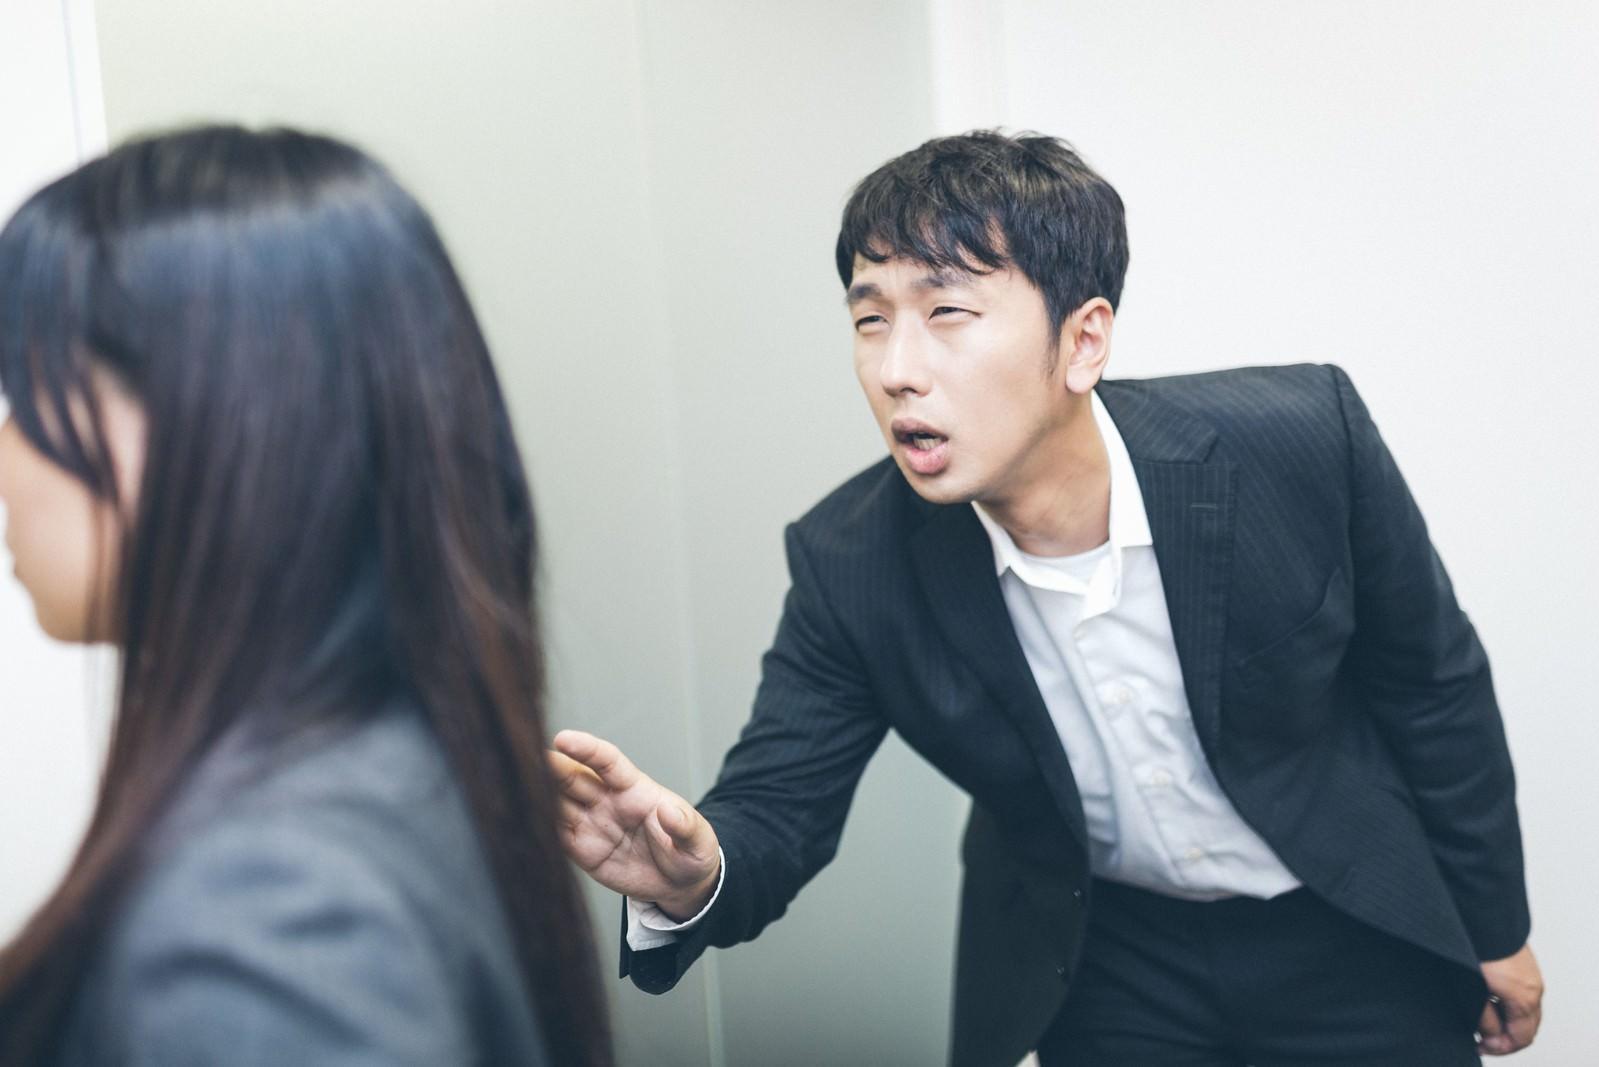 「「ちょ、待てよ!」と部下を呼び止める木村部長」の写真[モデル:大川竜弥 Lala]